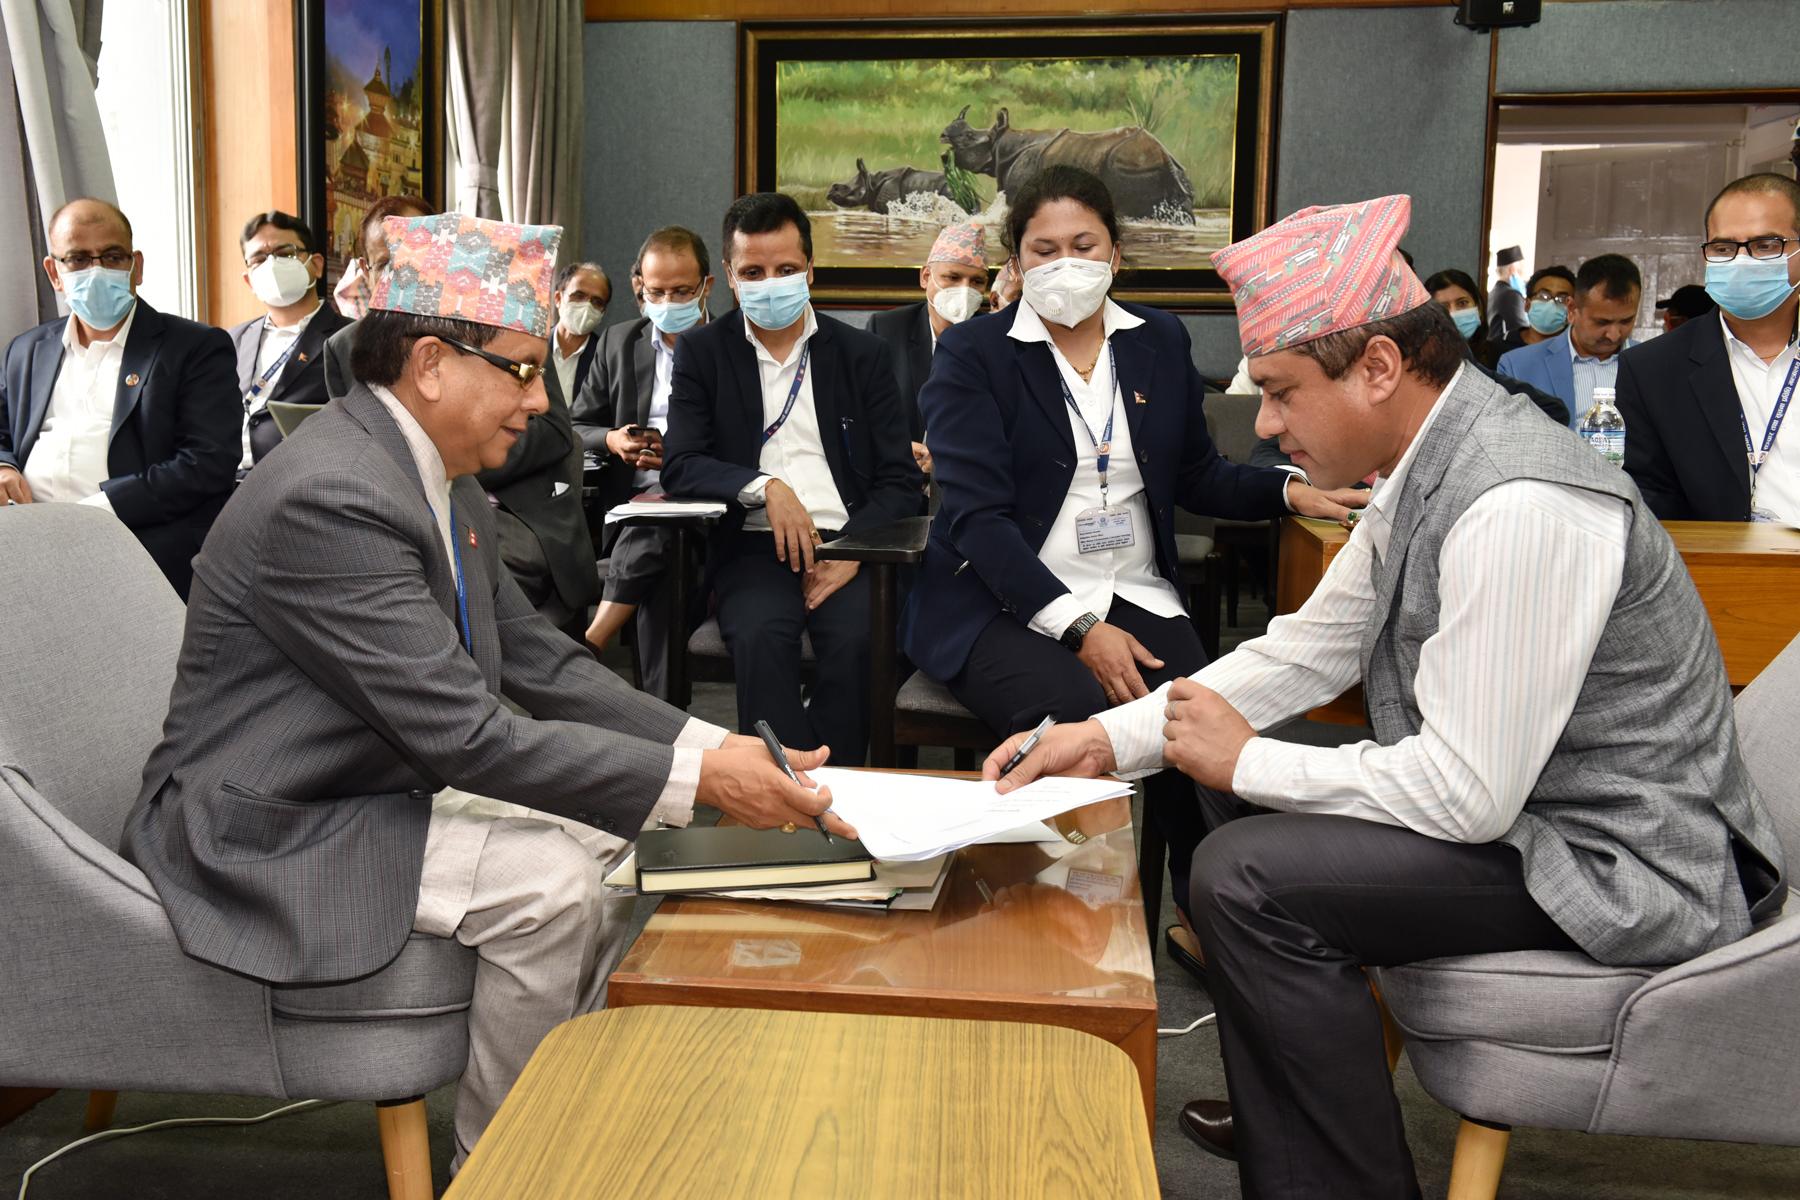 सचिव श्री हरिप्रसाद बस्याल र समितिका अध्यक्ष श्री राजेन्द्र अर्याल बीच आ.व २०७७.०७८ को कार्यसम्पादन सम्झौता हुँदै